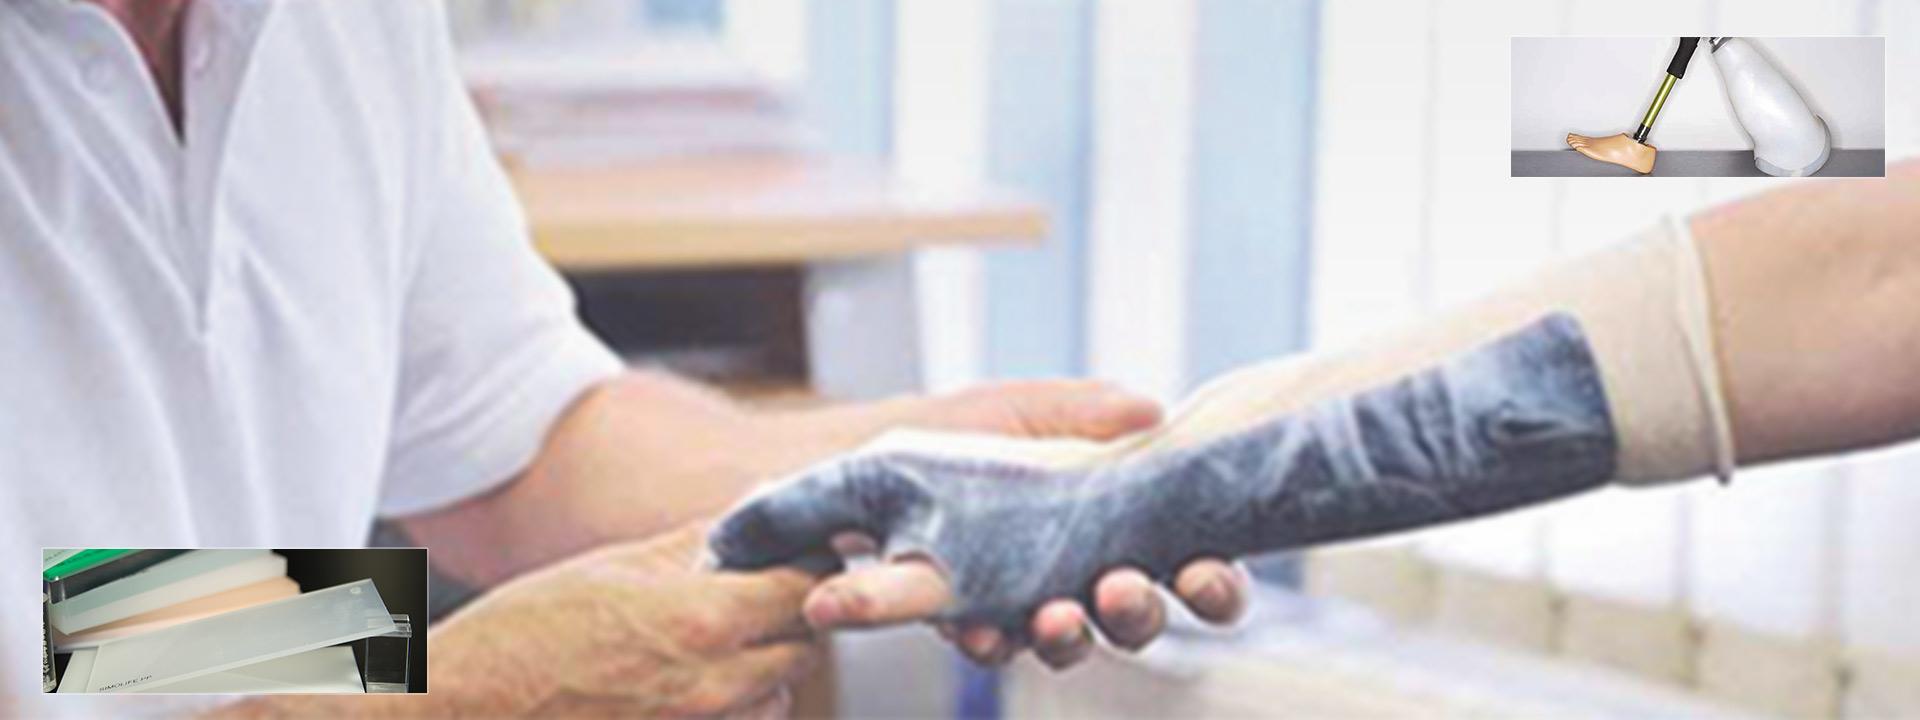 Semifabricate pentru orteze și proteze